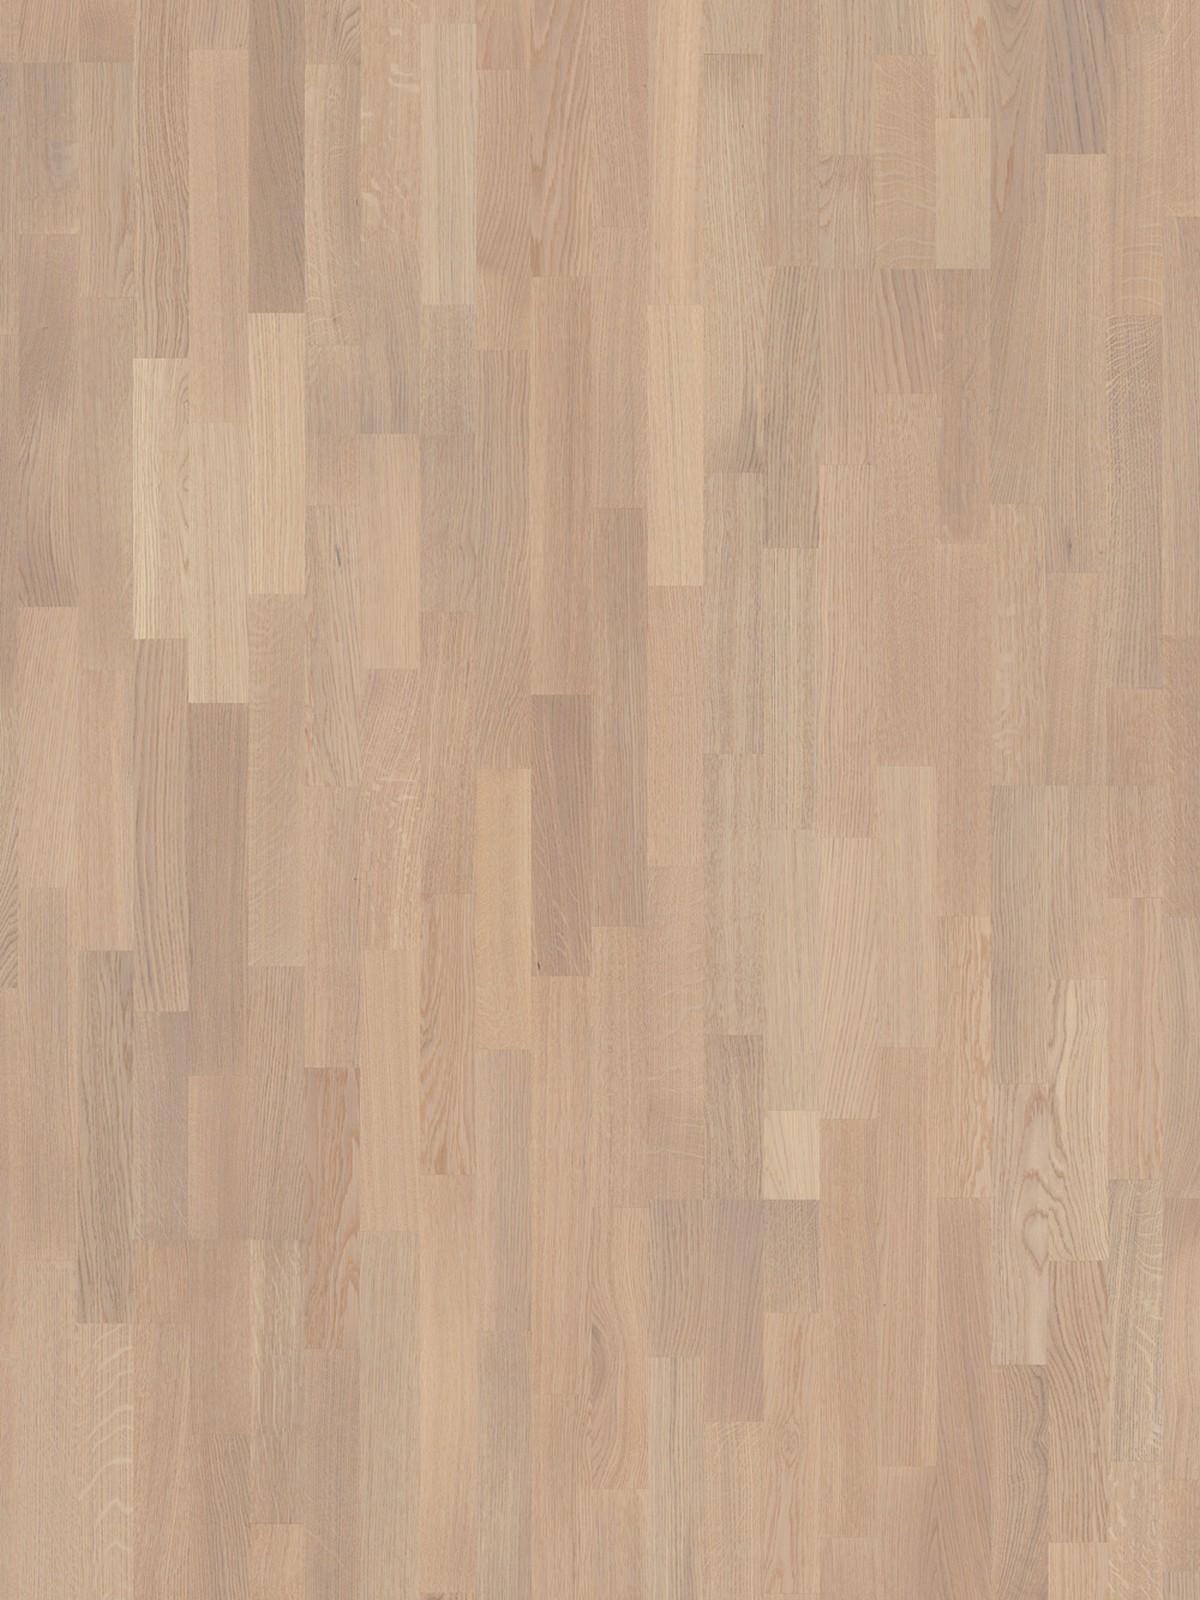 Parchet triplustratificat Stejar Select Vanilla Matt